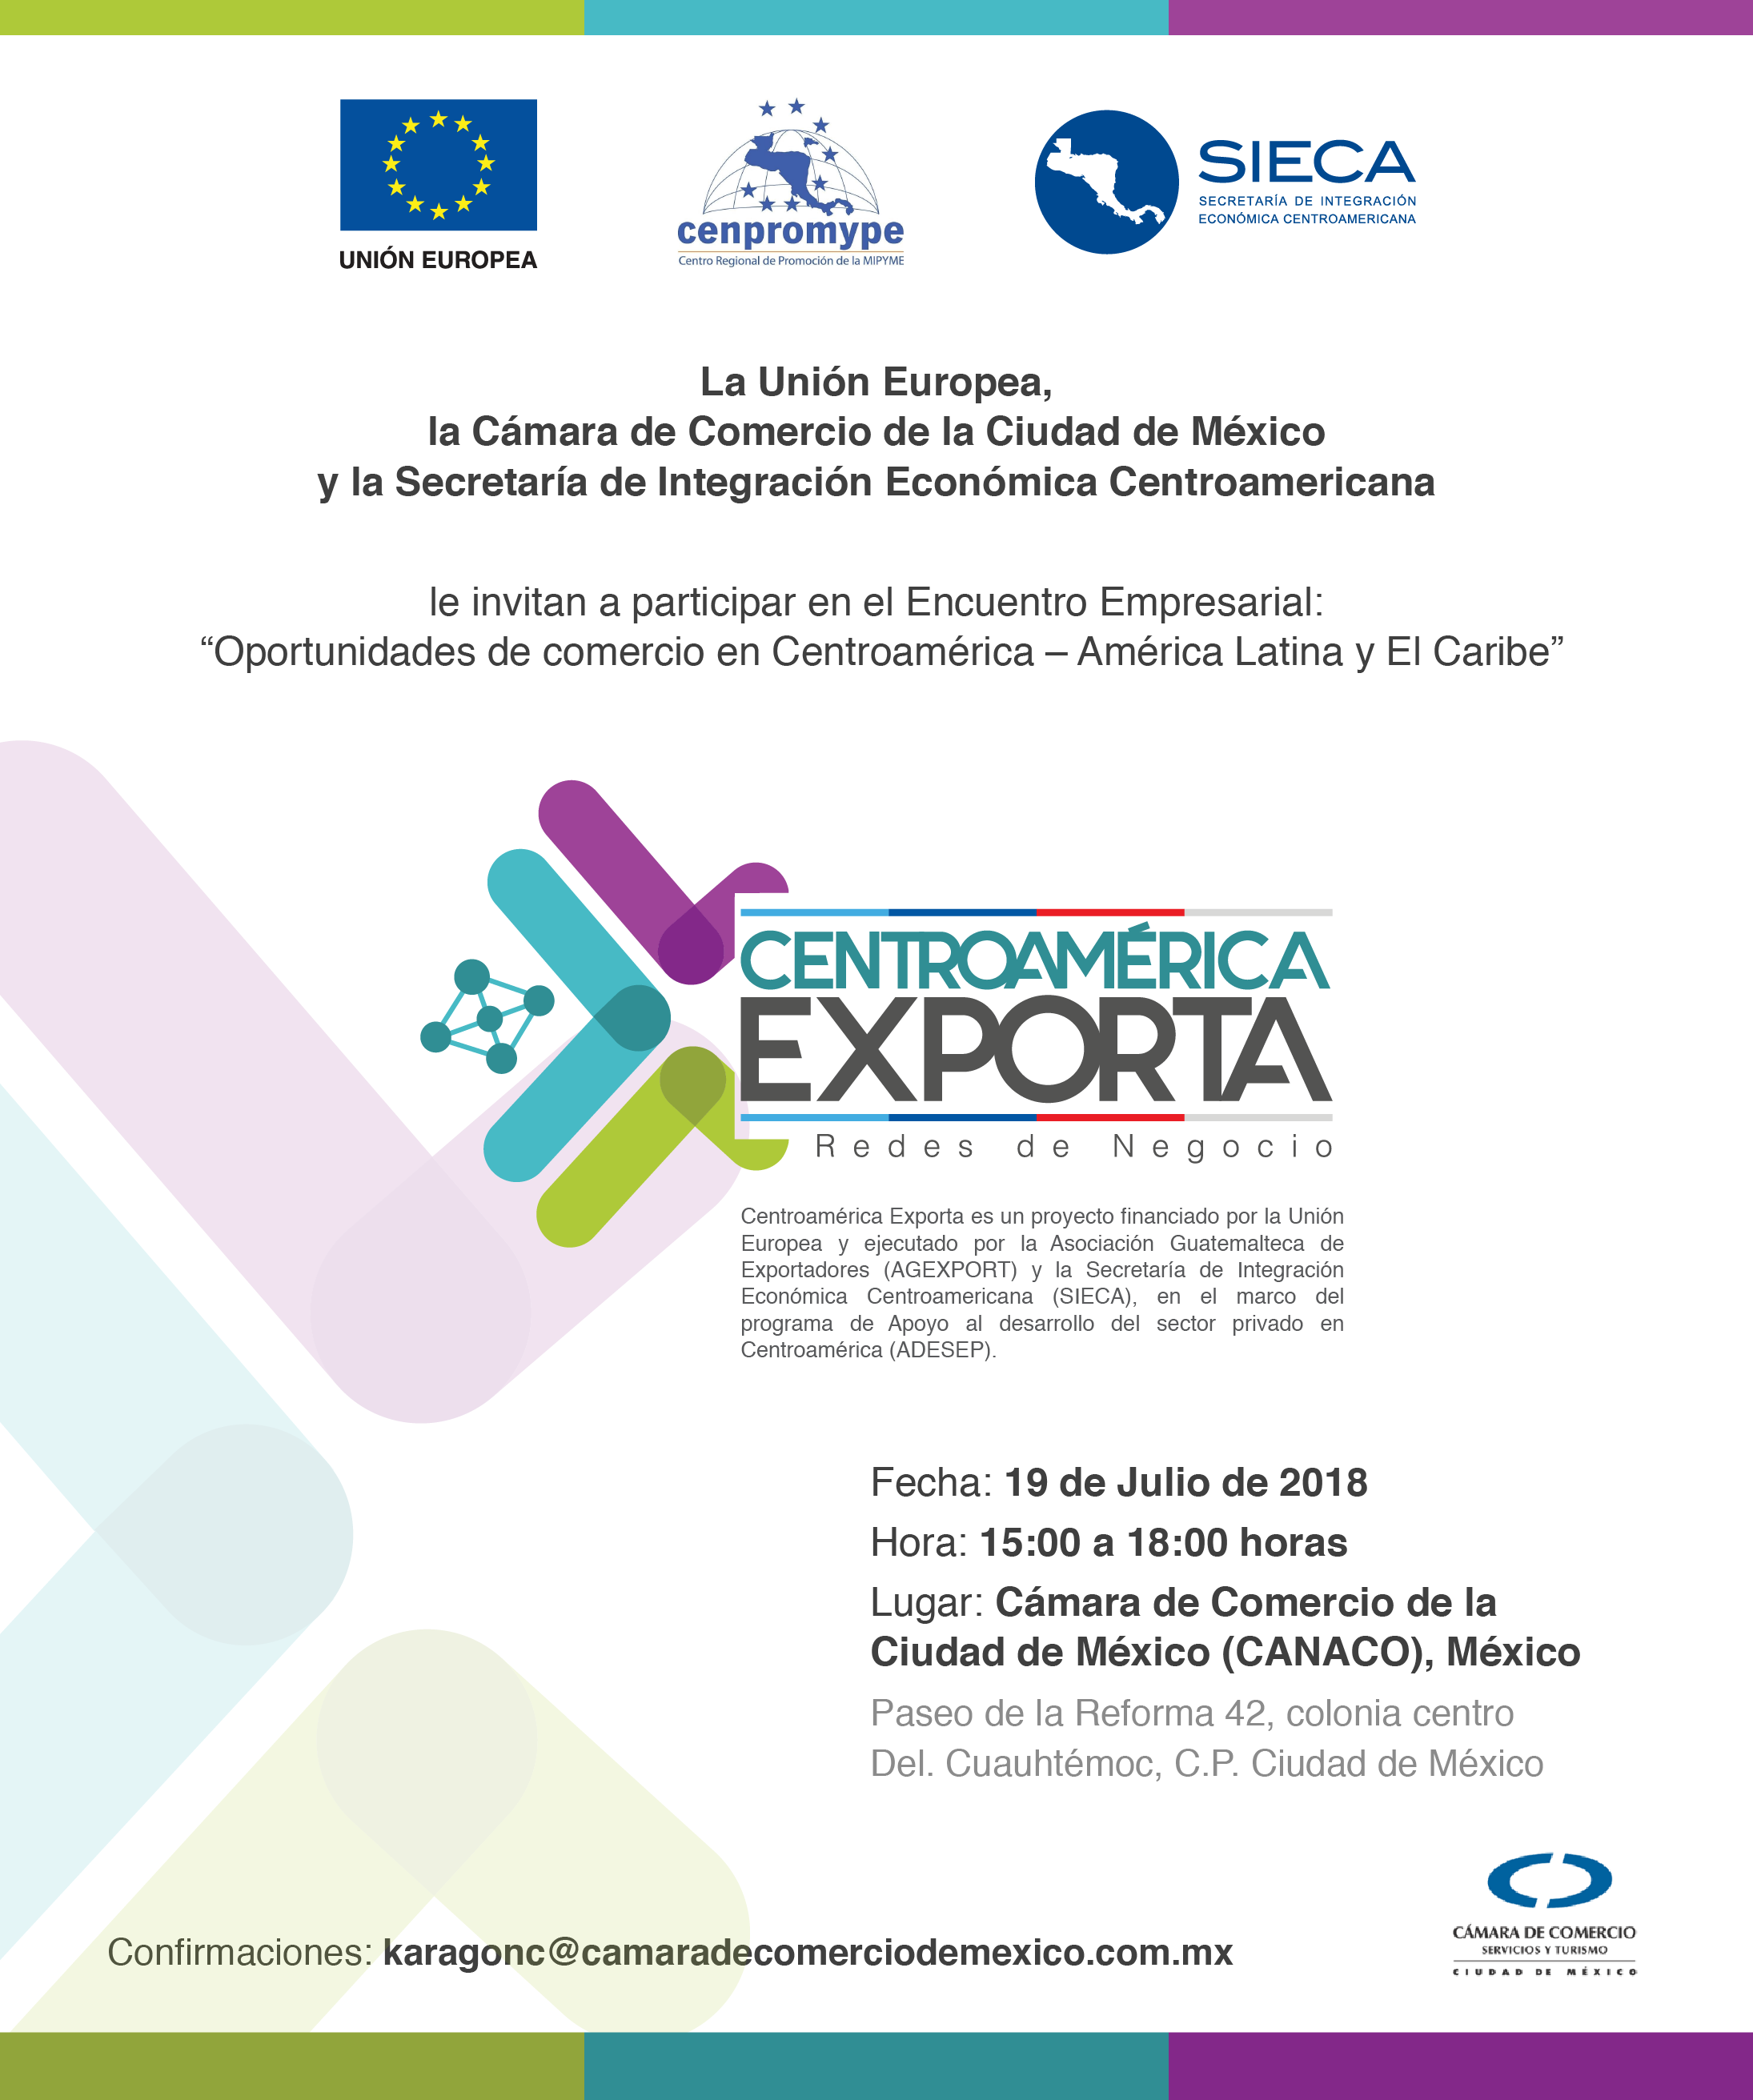 """Encuentro Empresarial """"Oportunidades de negocios en Centroamérica-América y El Caribe"""""""